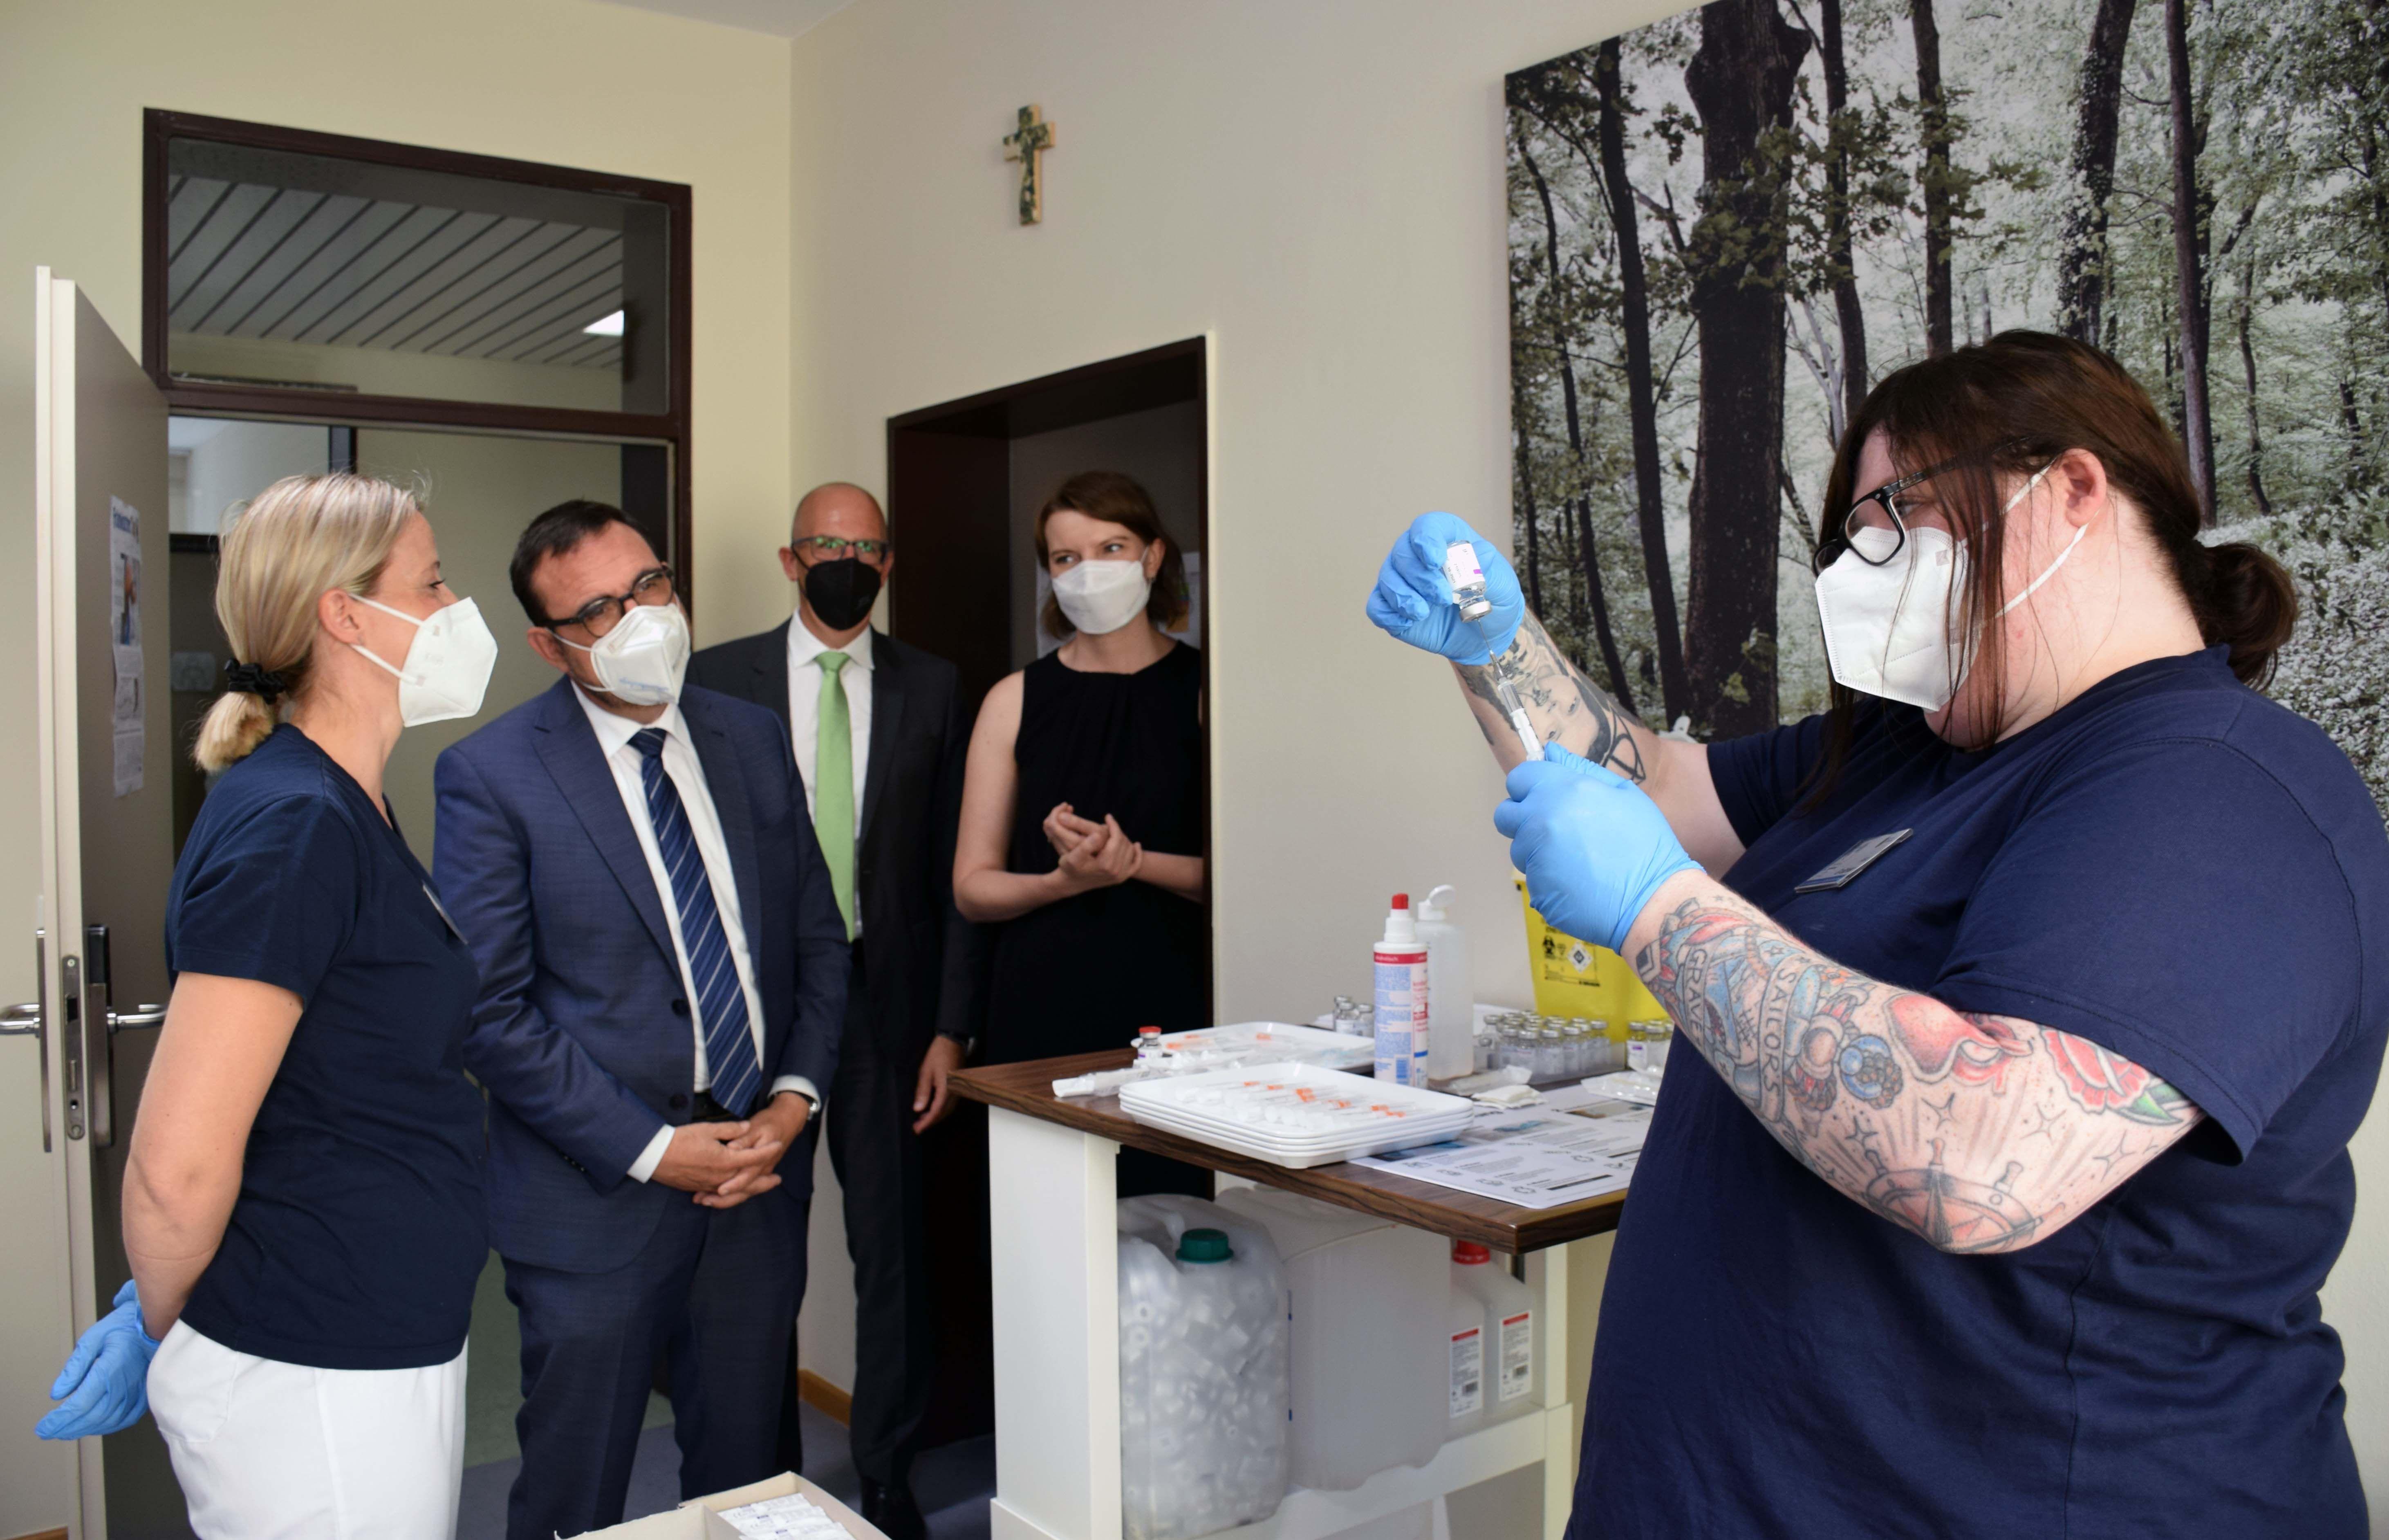 Staatsminister Holetschek nutzte die Gelegenheit, mit Ärzten, Angestellten und Patienten ins Gespräch zu kommen. Foto: Landratsamt Lichtenfels / Heidi